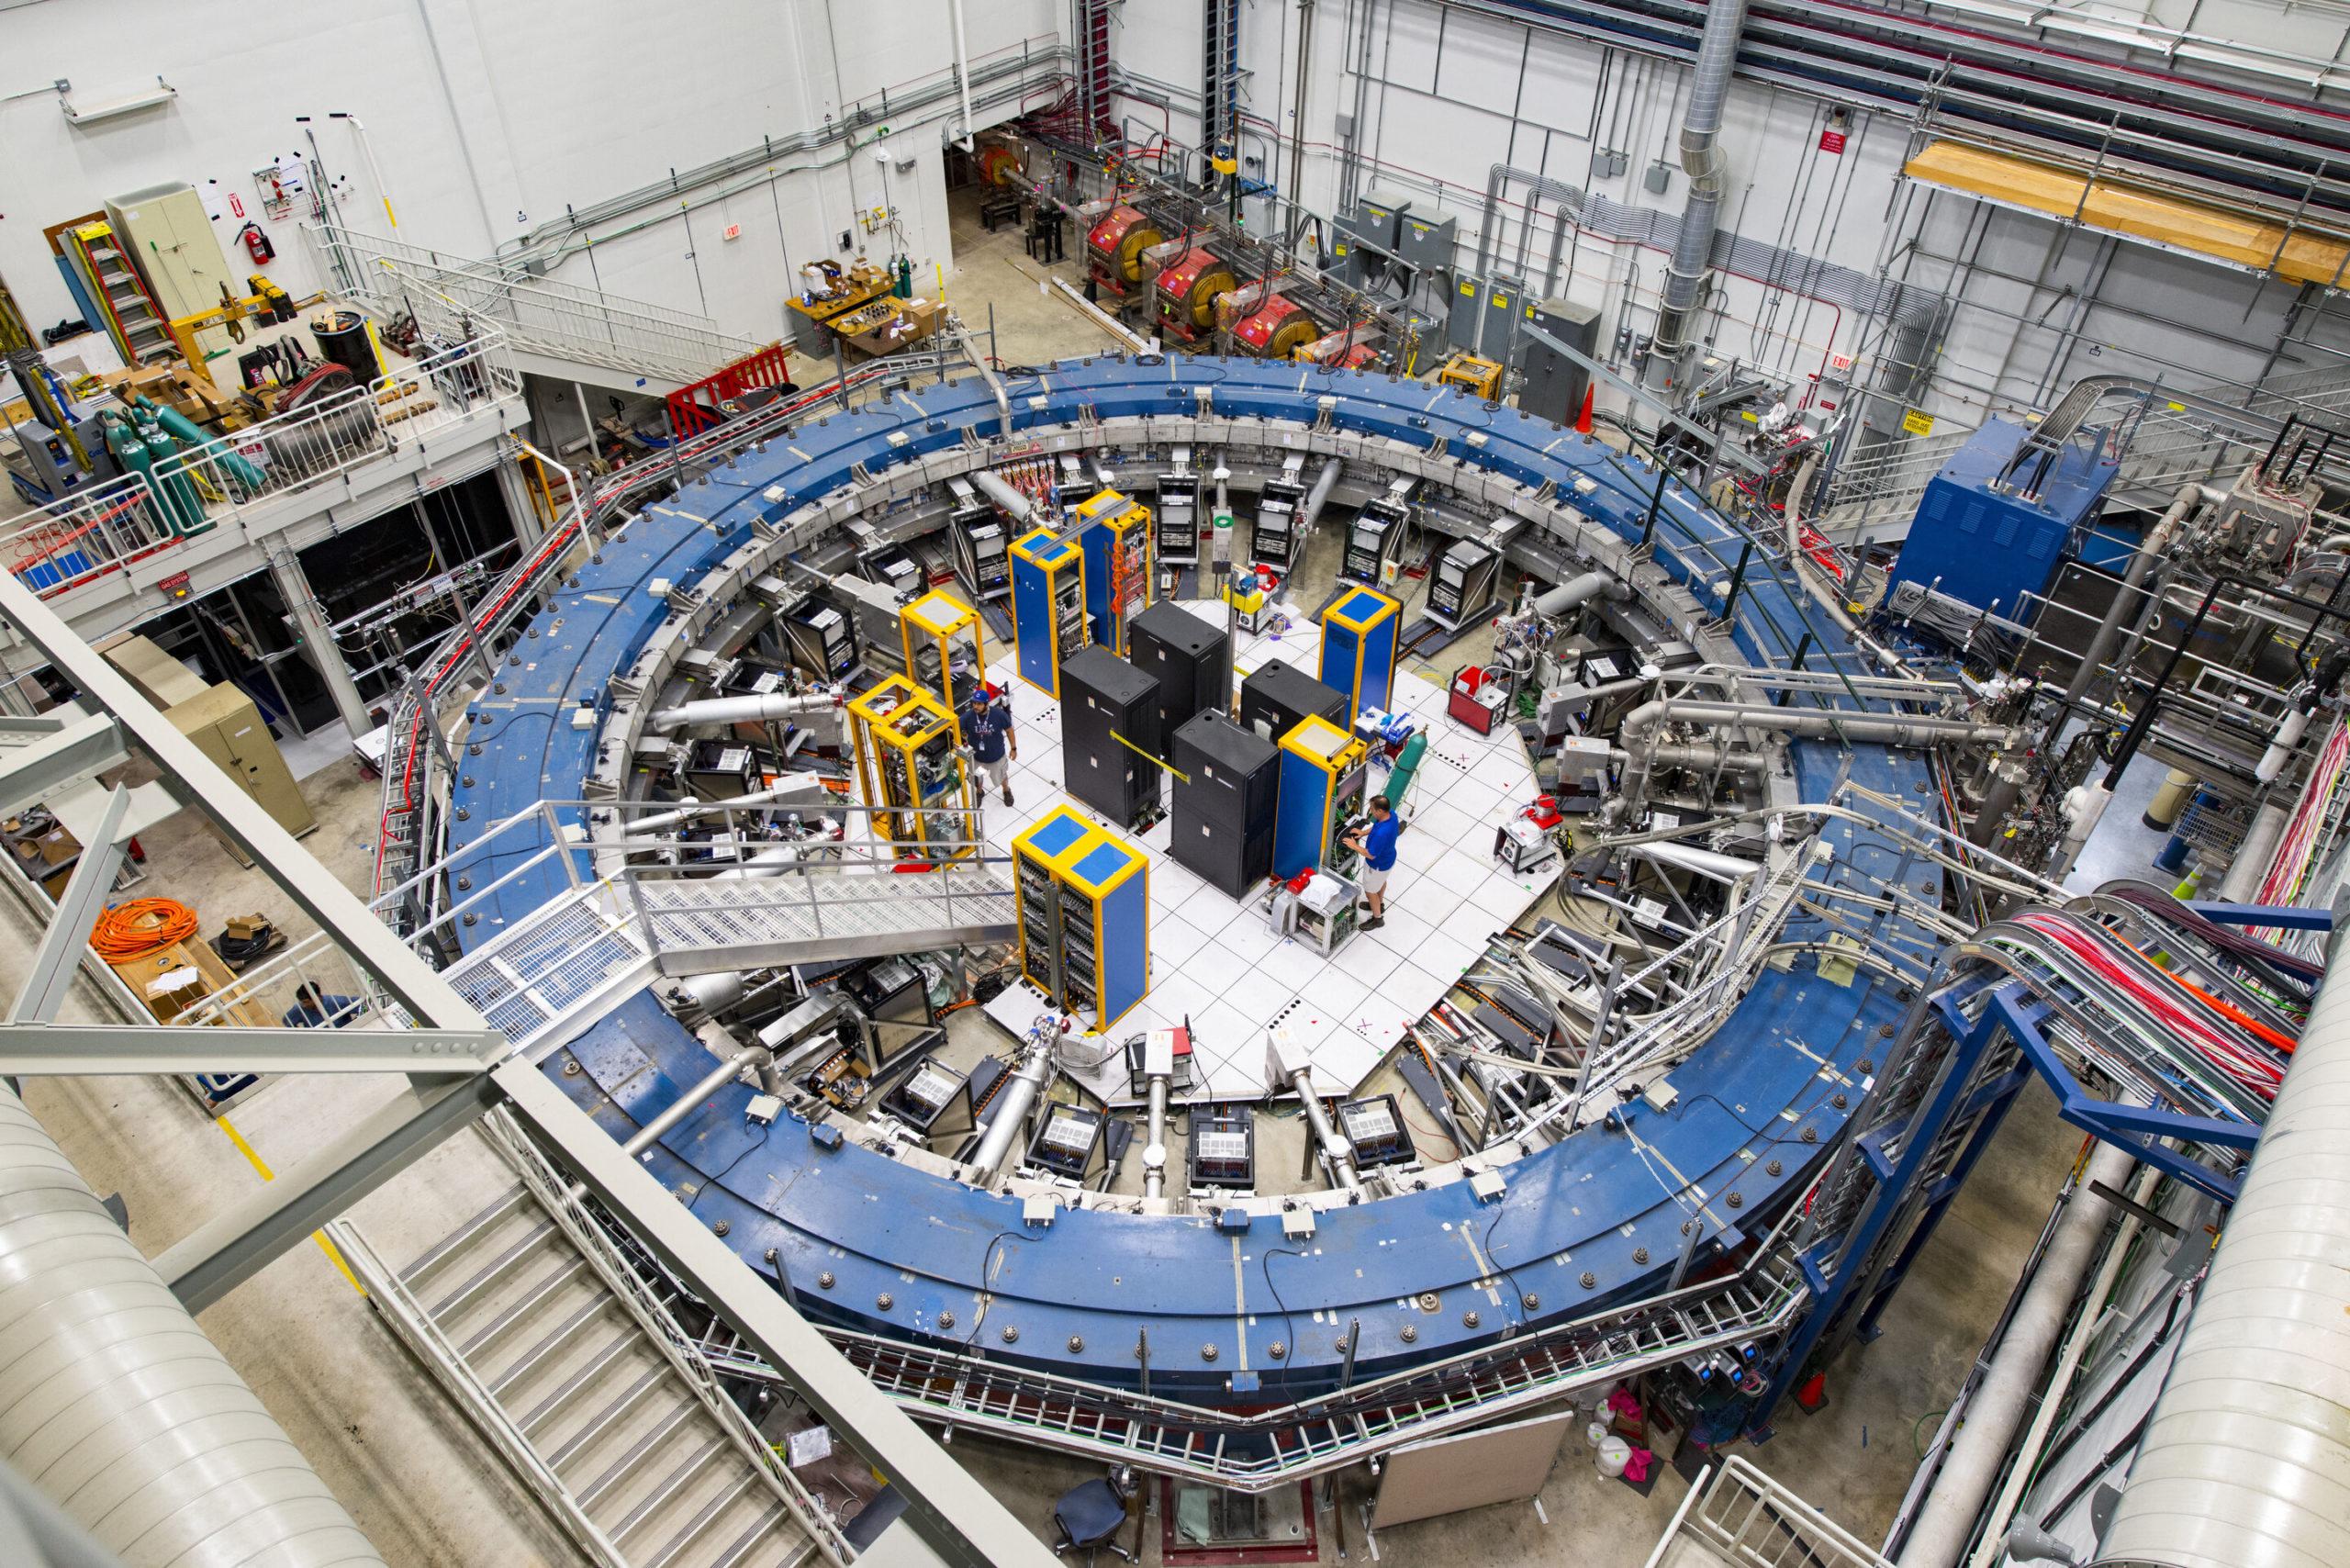 Кольцевой магнит, на котором проводится эксперимент «g minus two» в Фермилабе. Credit: Fermilab / Reidar Hahn